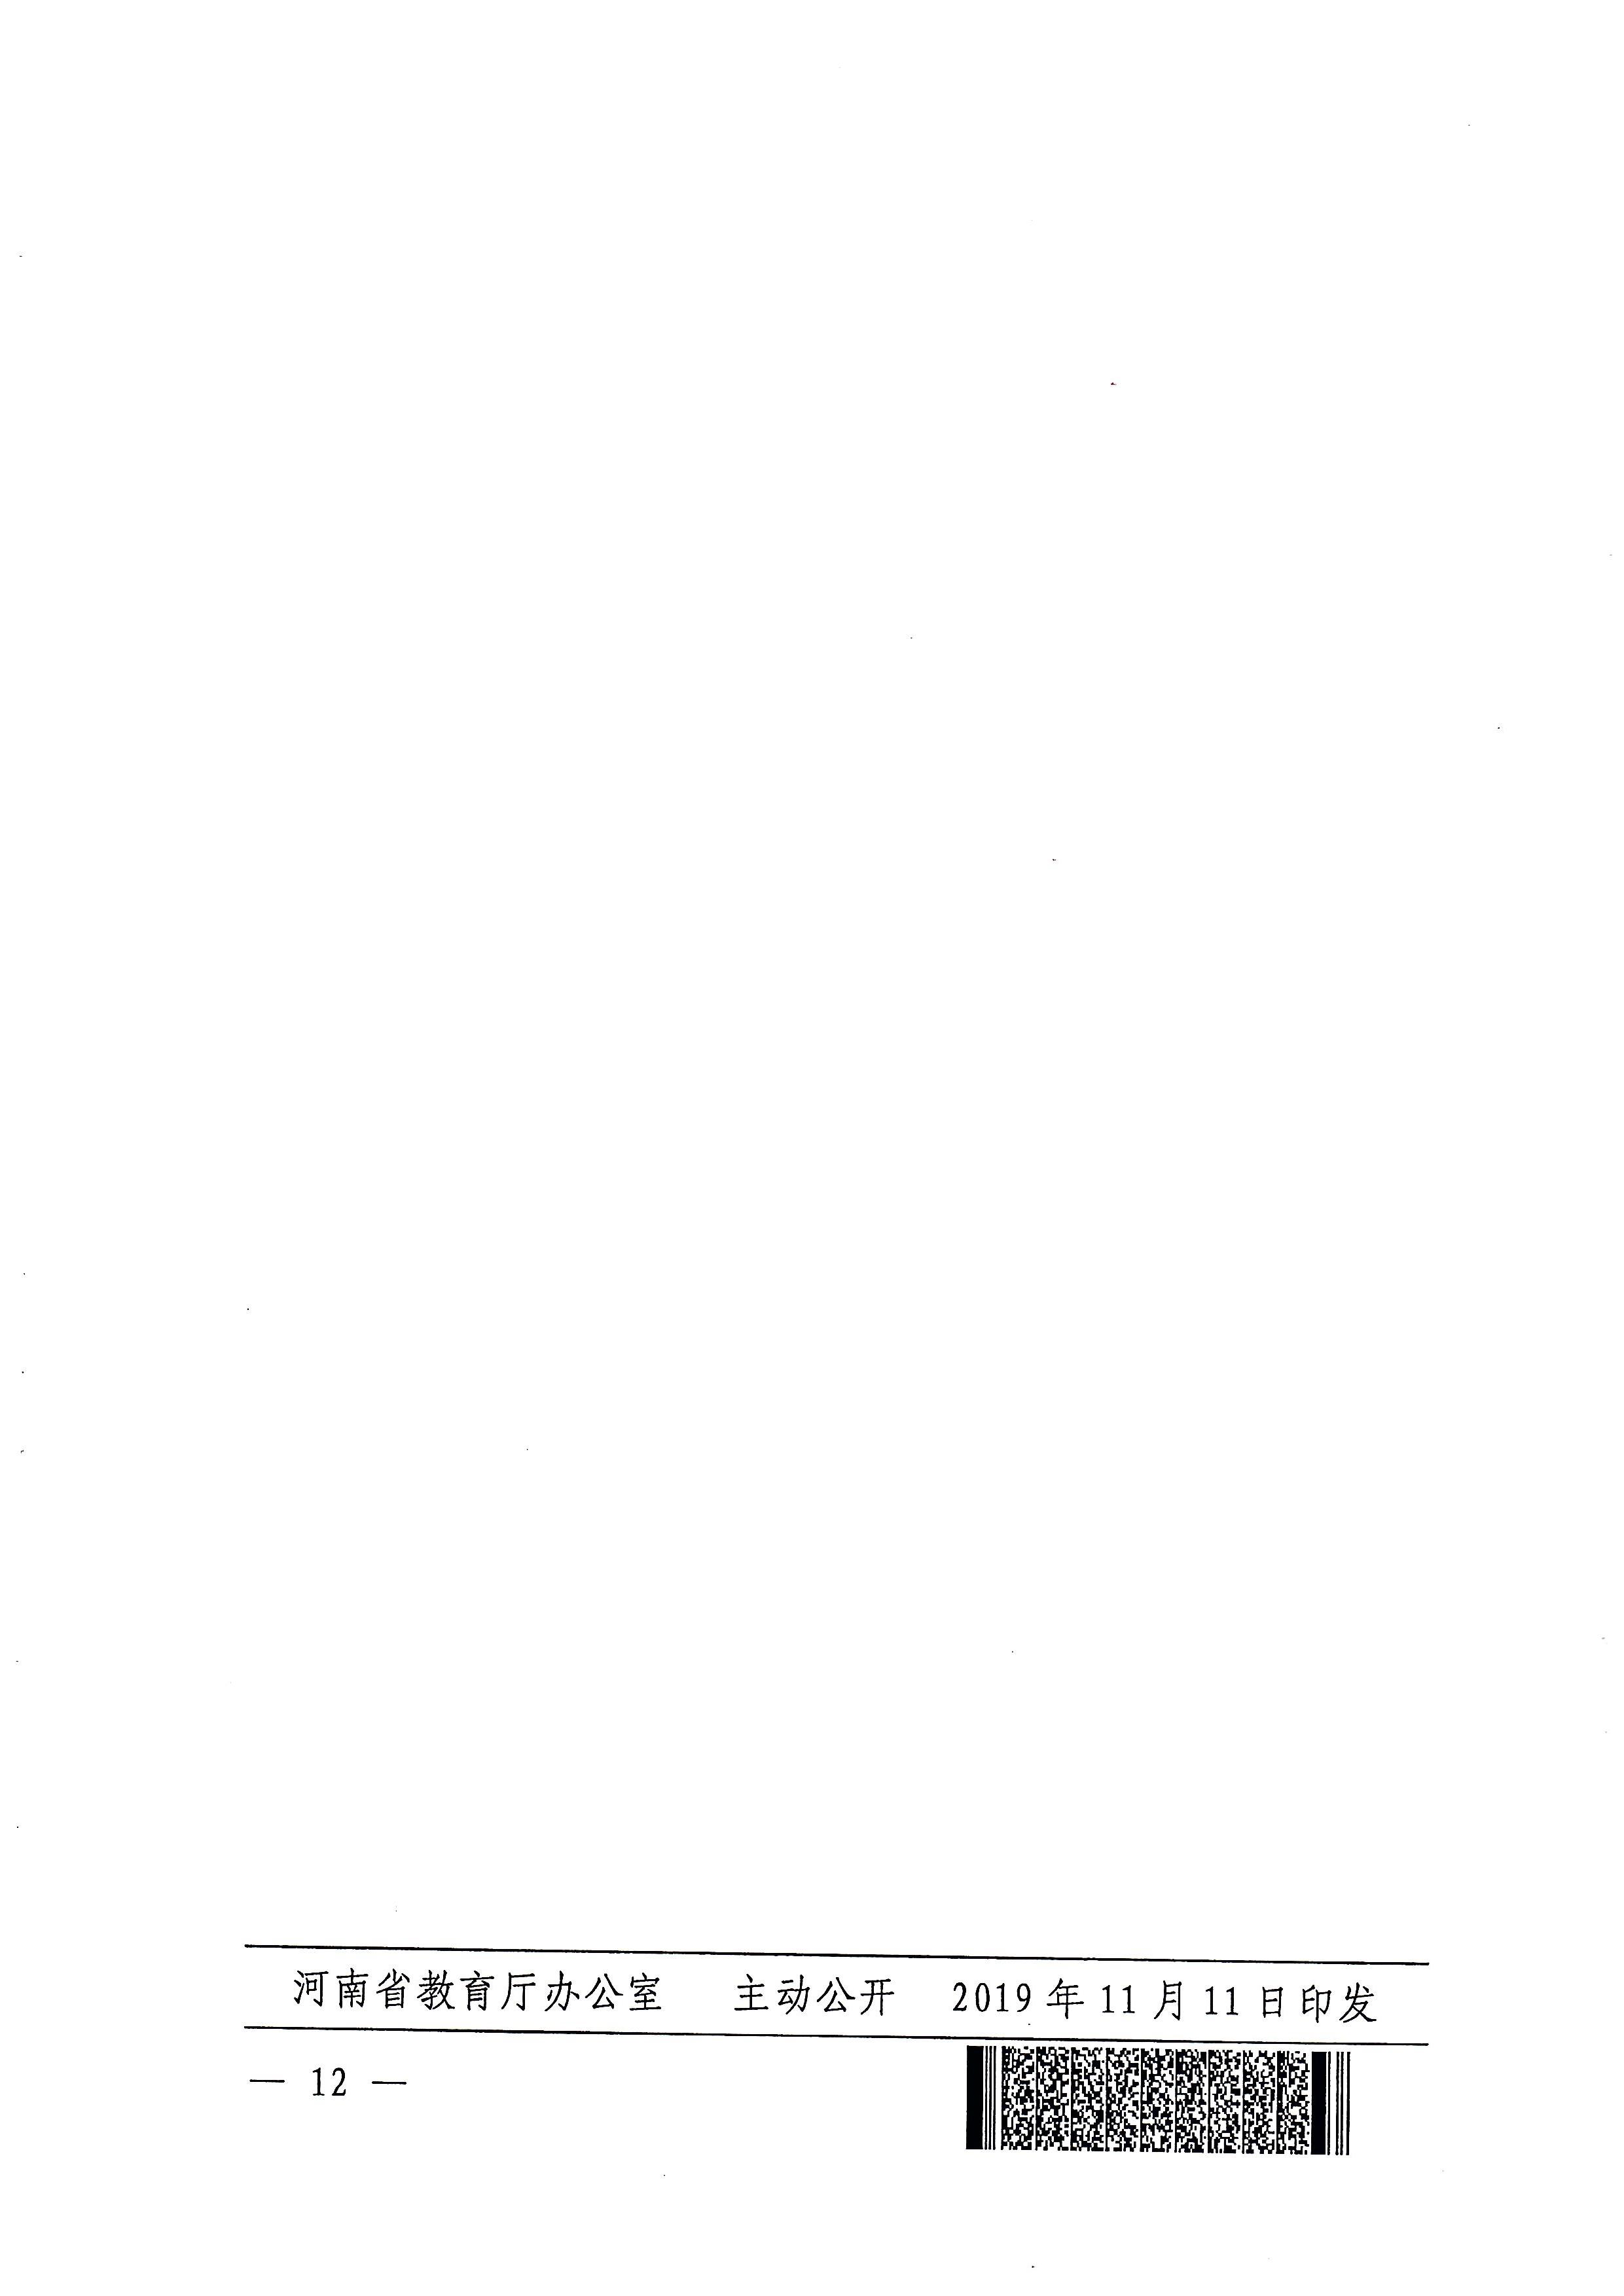 豫教财【2019】150号-河南省教育厅 河南省人力资源和社会保障厅 河南省财政厅关于印发《河南省中等职业教育国家奖学金评审实施暂行办法》的通知.jpg